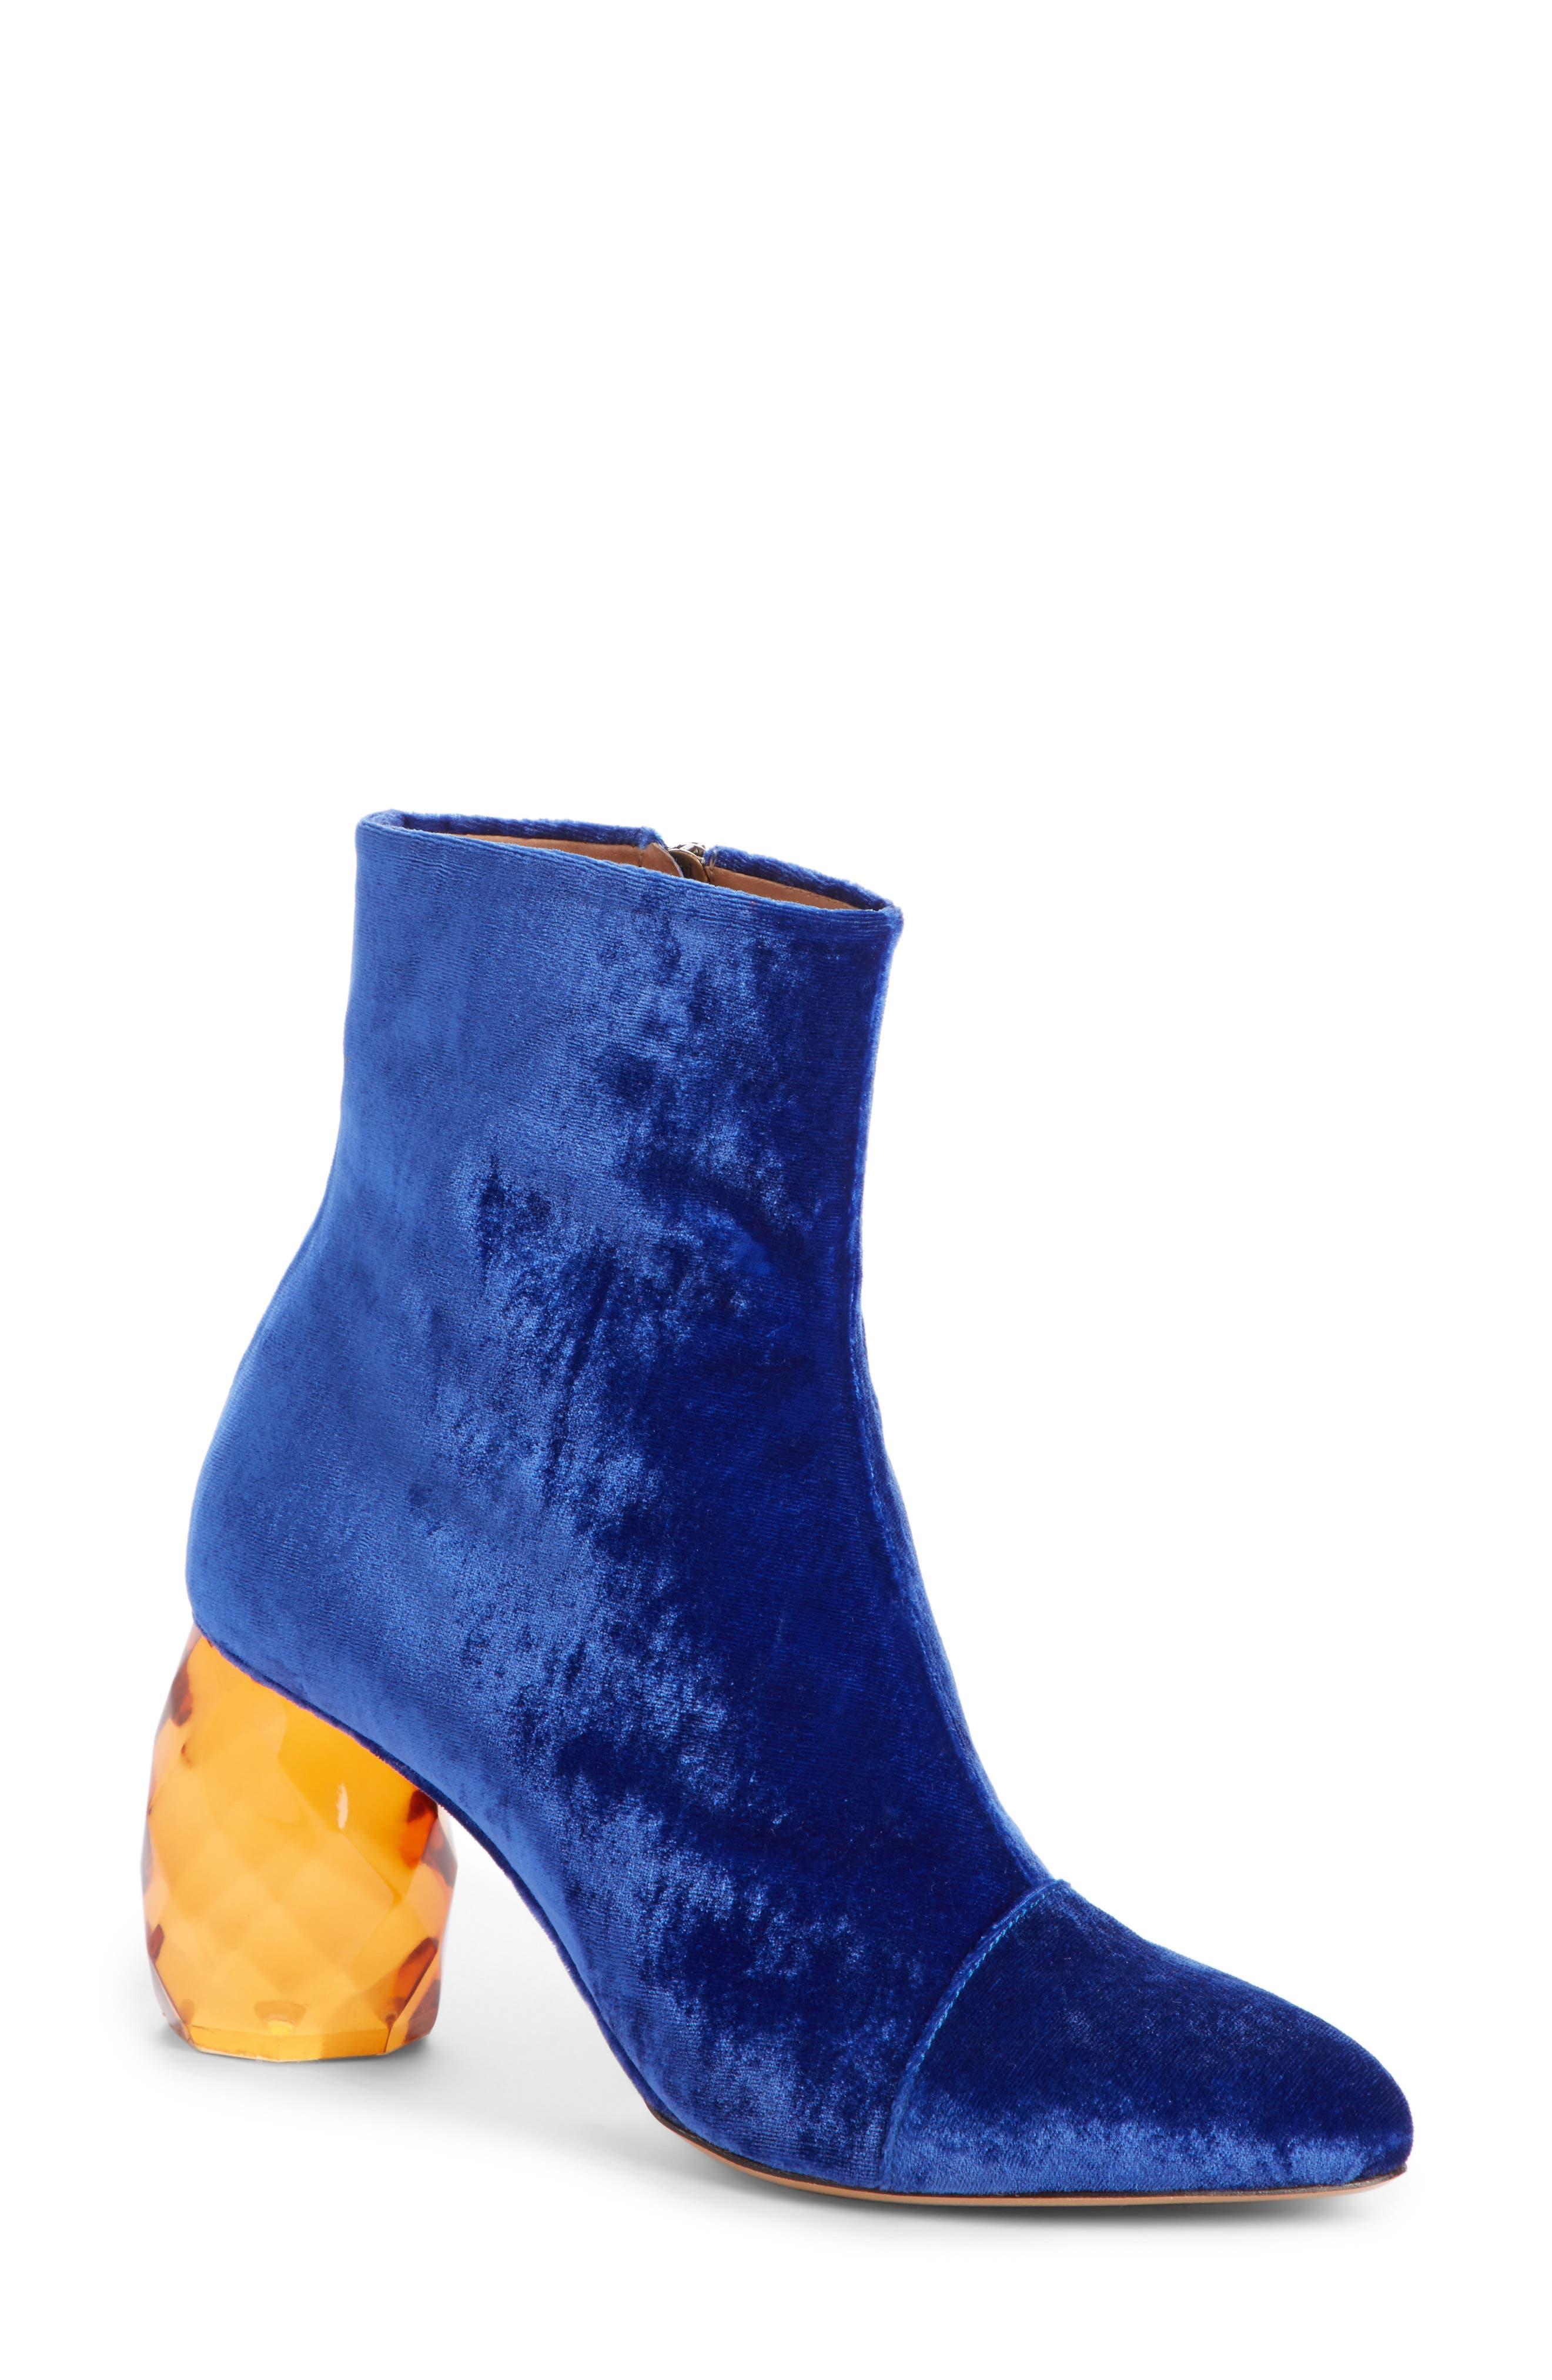 Alternate Image 1 Selected - Dries Van Noten Faceted Heel Pointy Toe Bootie (Women)